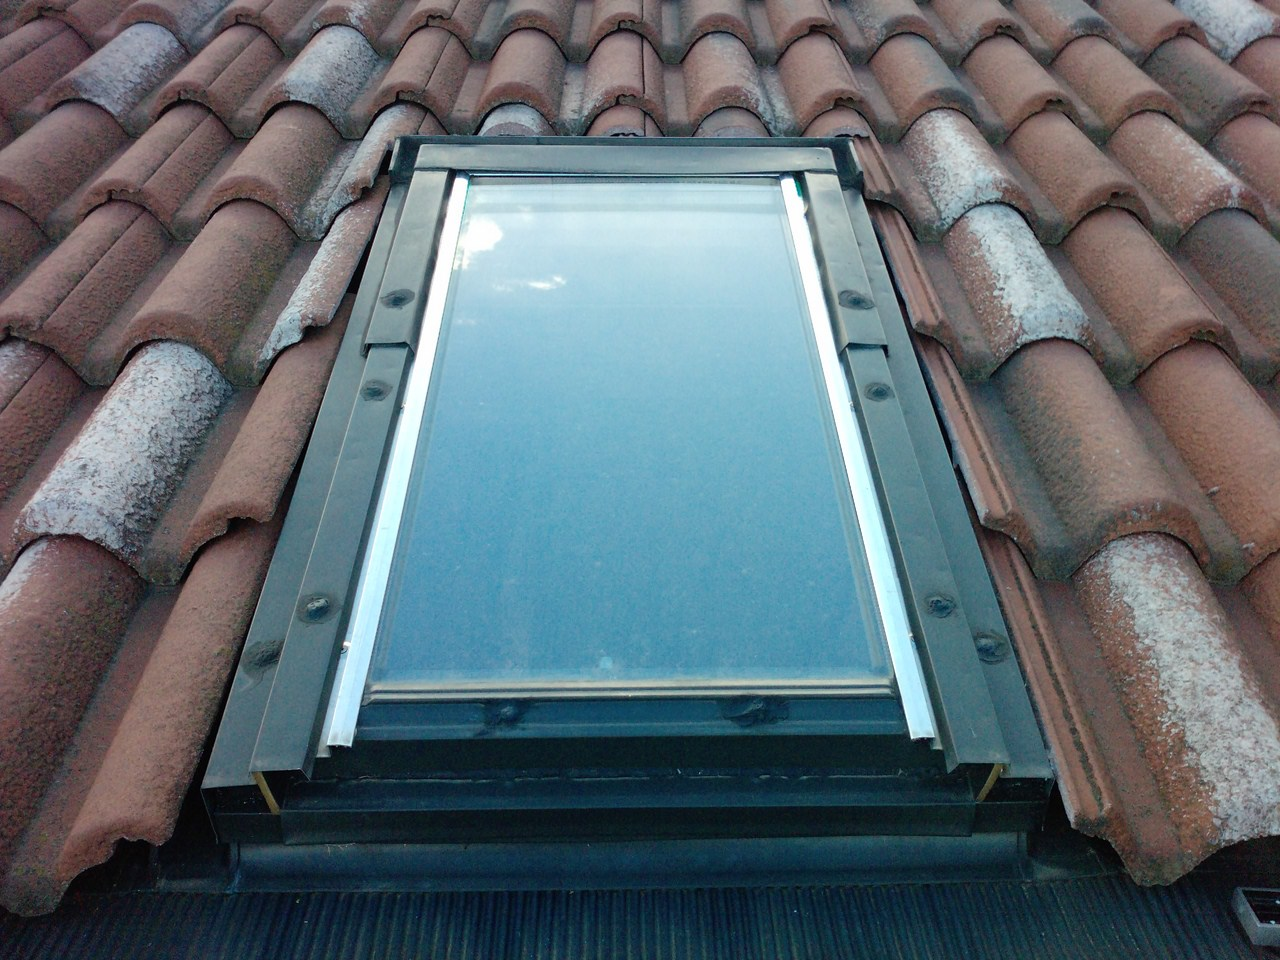 Finestra per tetti ripariamola dalla grandine for Faelux srl finestra per tetti